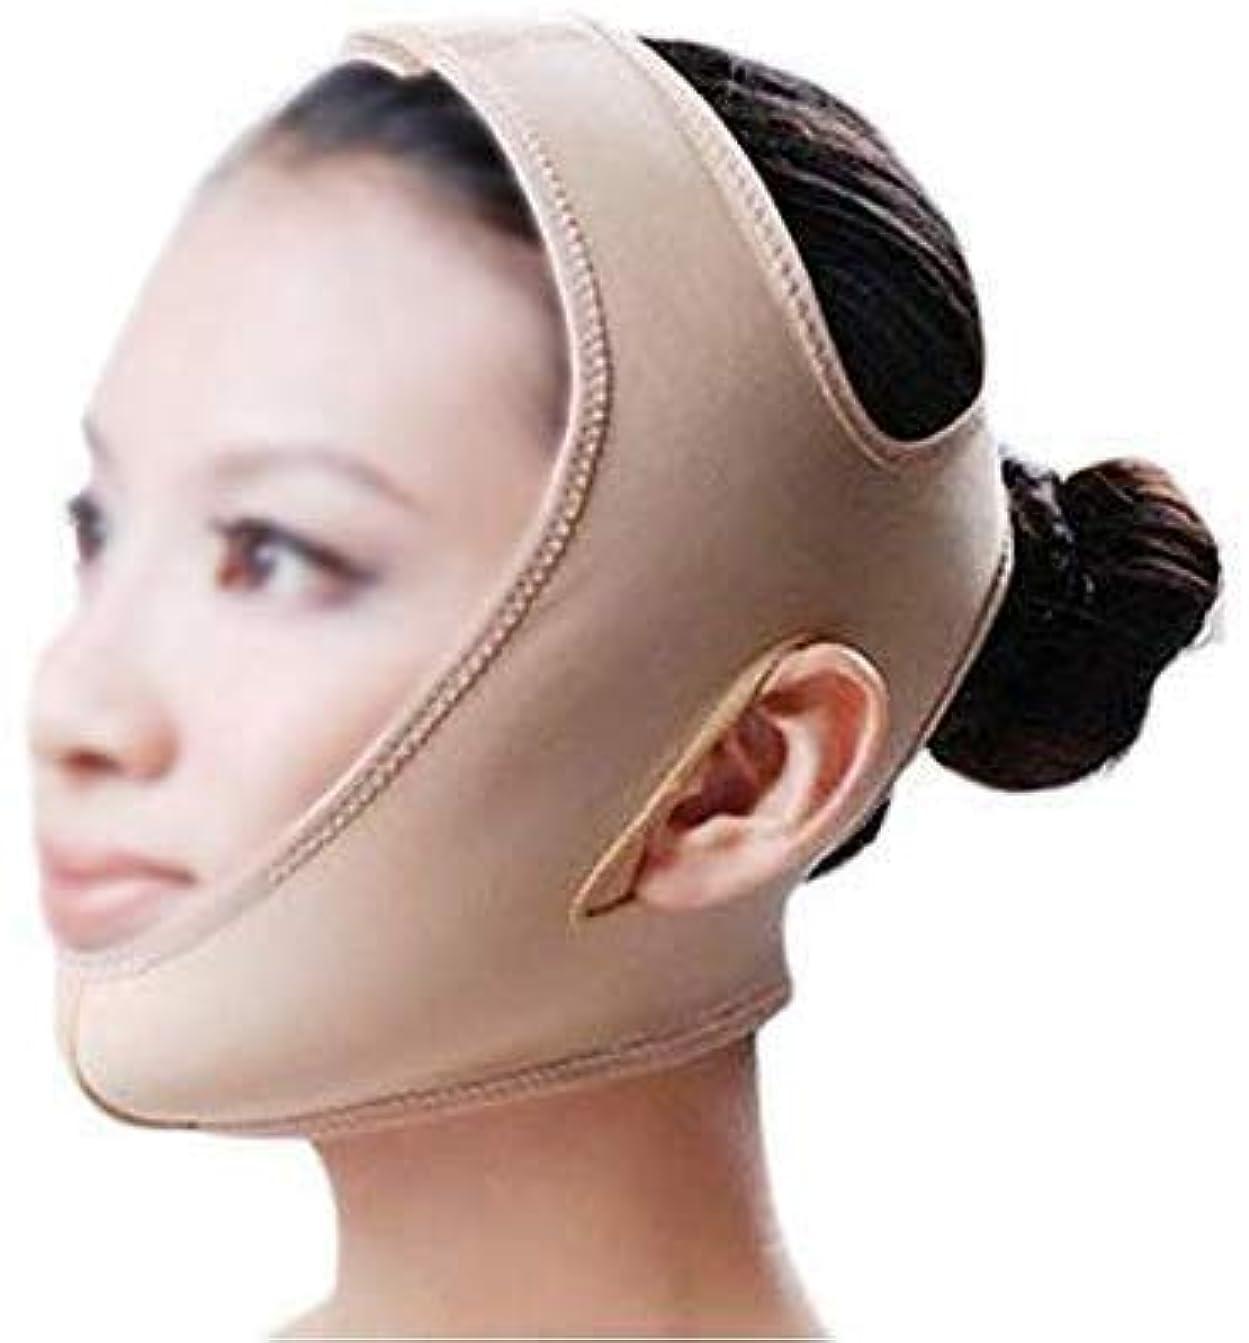 キャメル香港抽象美容と実用的なVフェイススリムバンデージスキンケアリフトリデュースダブルチンフェイスマスクシンニングベルト(サイズ:S)